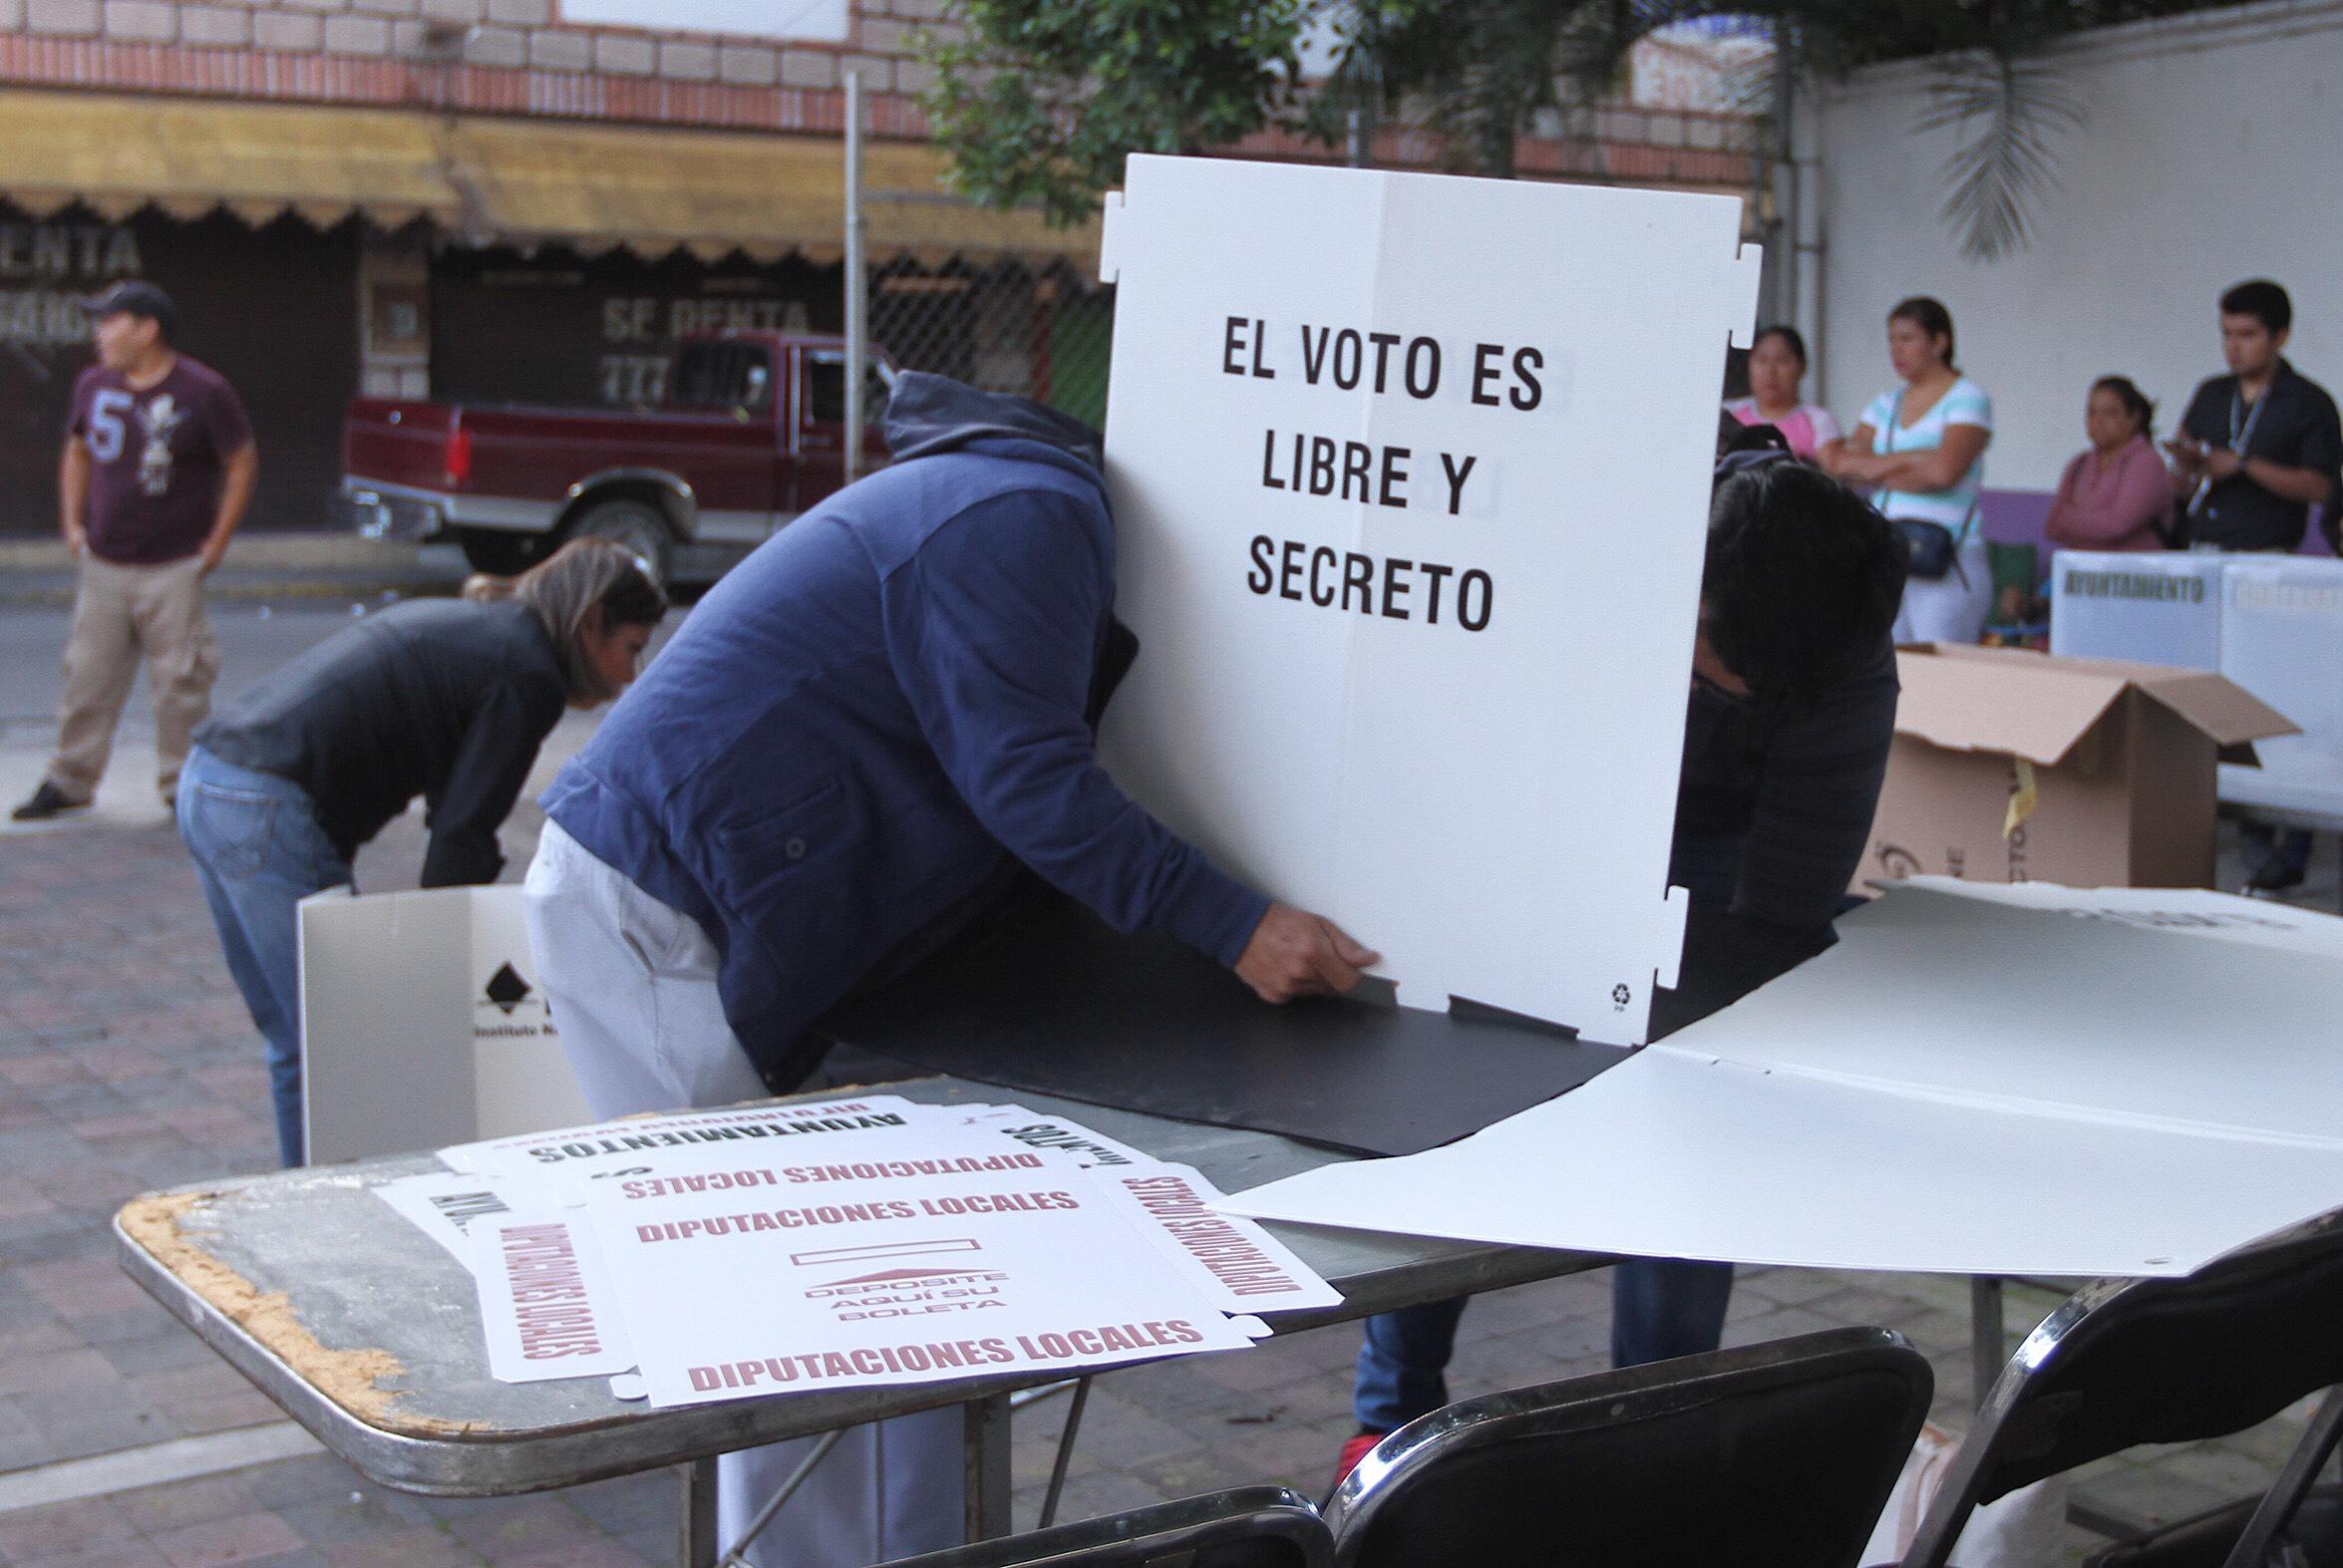 A Qué Hora Cierran Las Casillas, A Qué Hora Abren Las Casillas, Elecciones México 2018, Elecciones, Casillas Horarios, Horarios Casilla, Cierre De Casillas